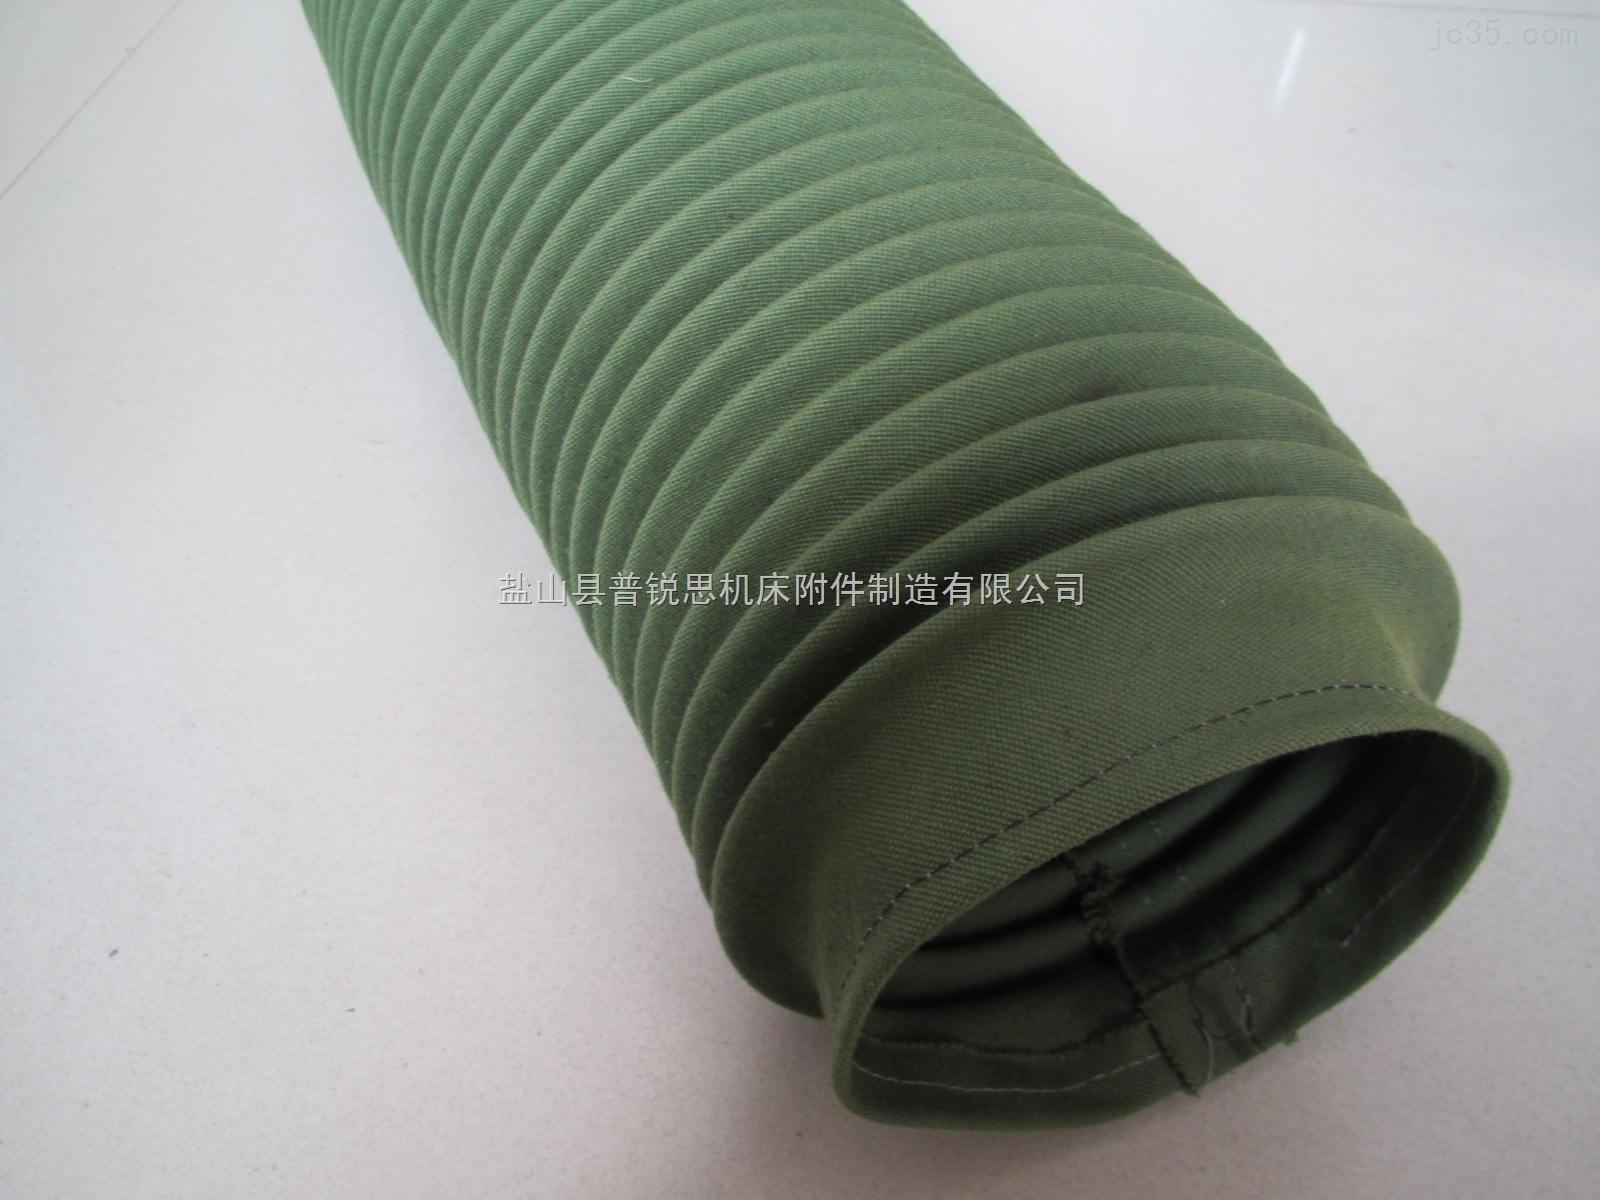 军绿色帆布软连接【材质一流】